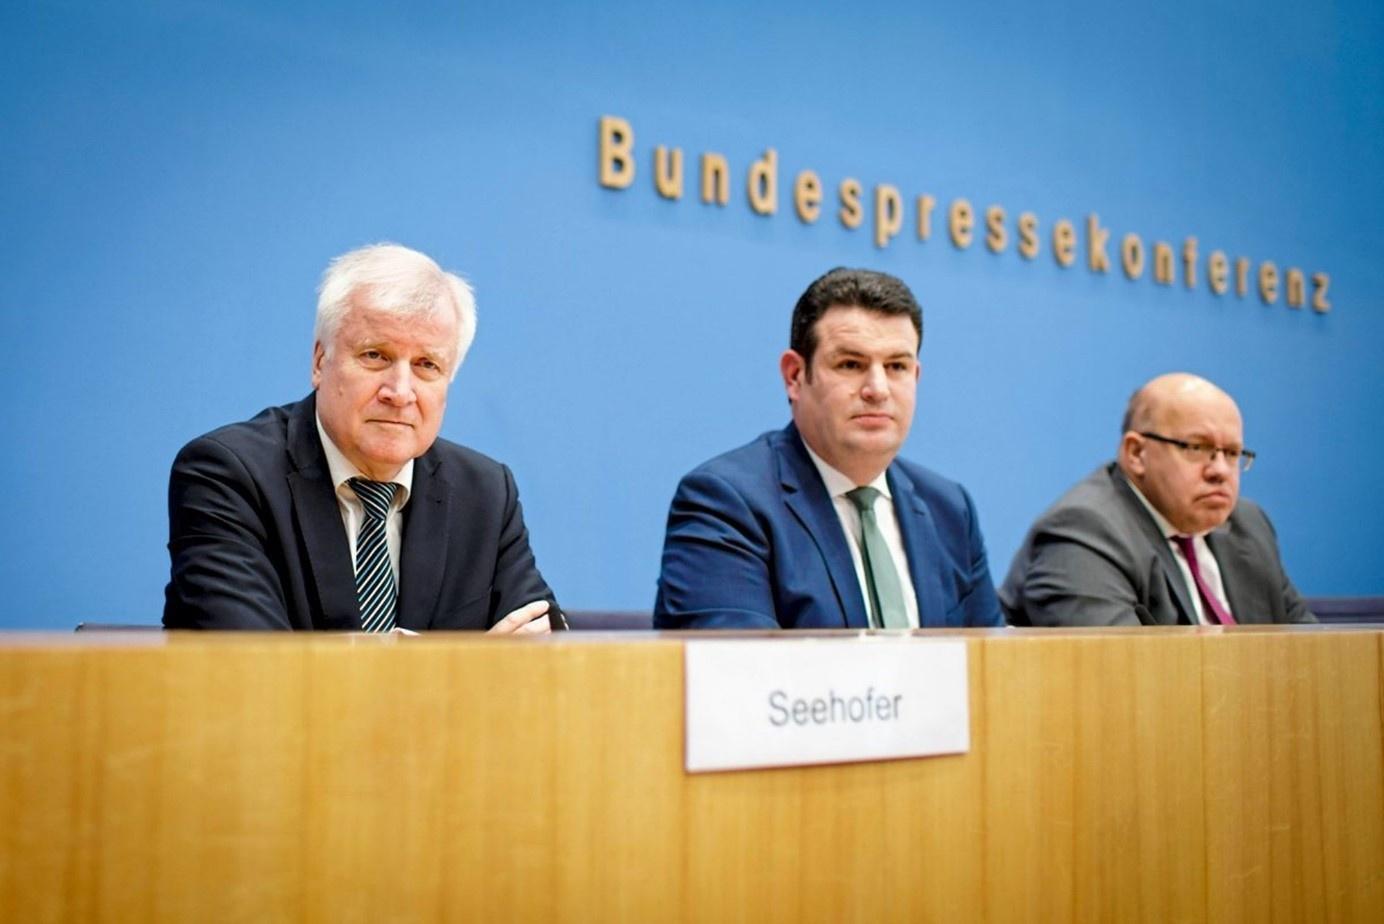 Новий закон презентували одразу три німецьких міністри: (зліва направо) – Горст Зеегофер, Хубертус Хайль та Петер Альтмайєр